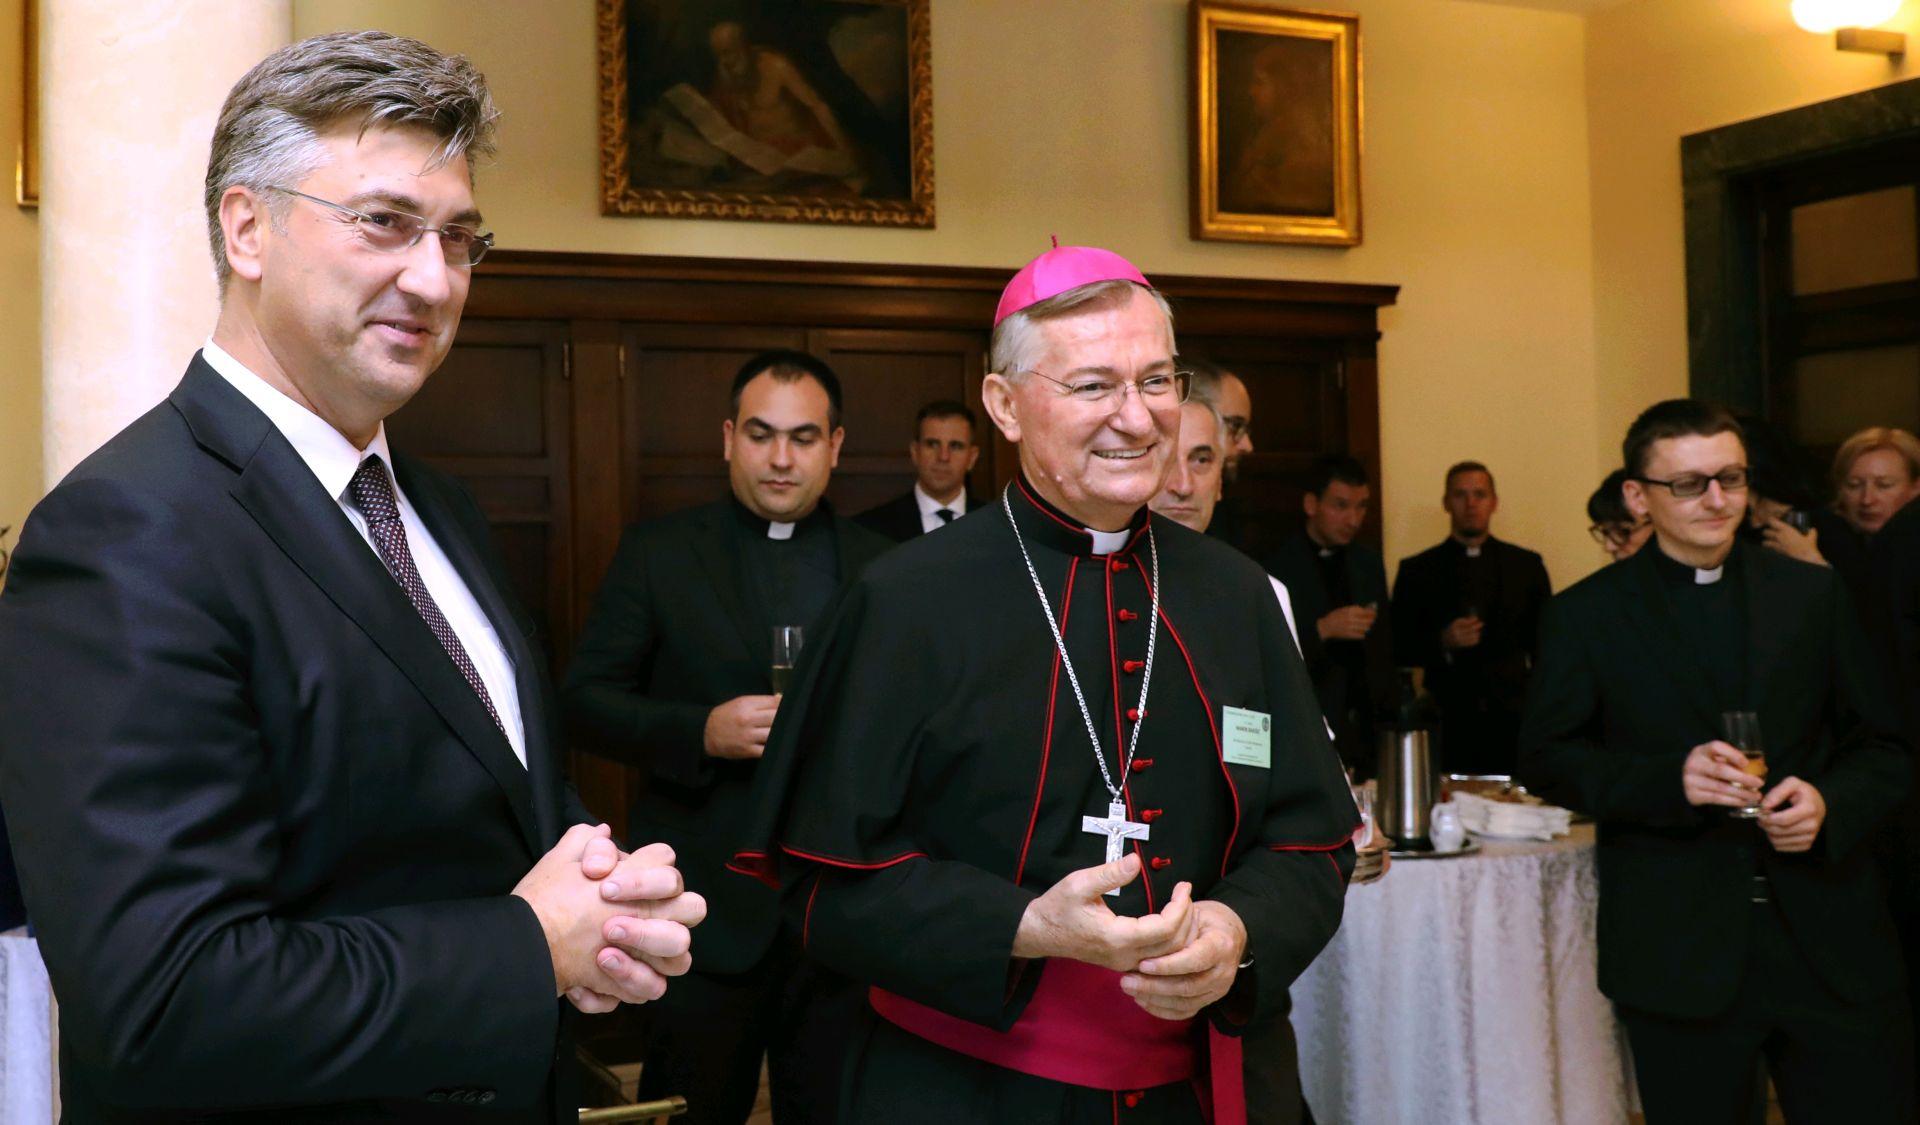 Nadbiskup Barišić: 'Isplati se biti strpljiv i čekati kanonizaciju Stepinca'